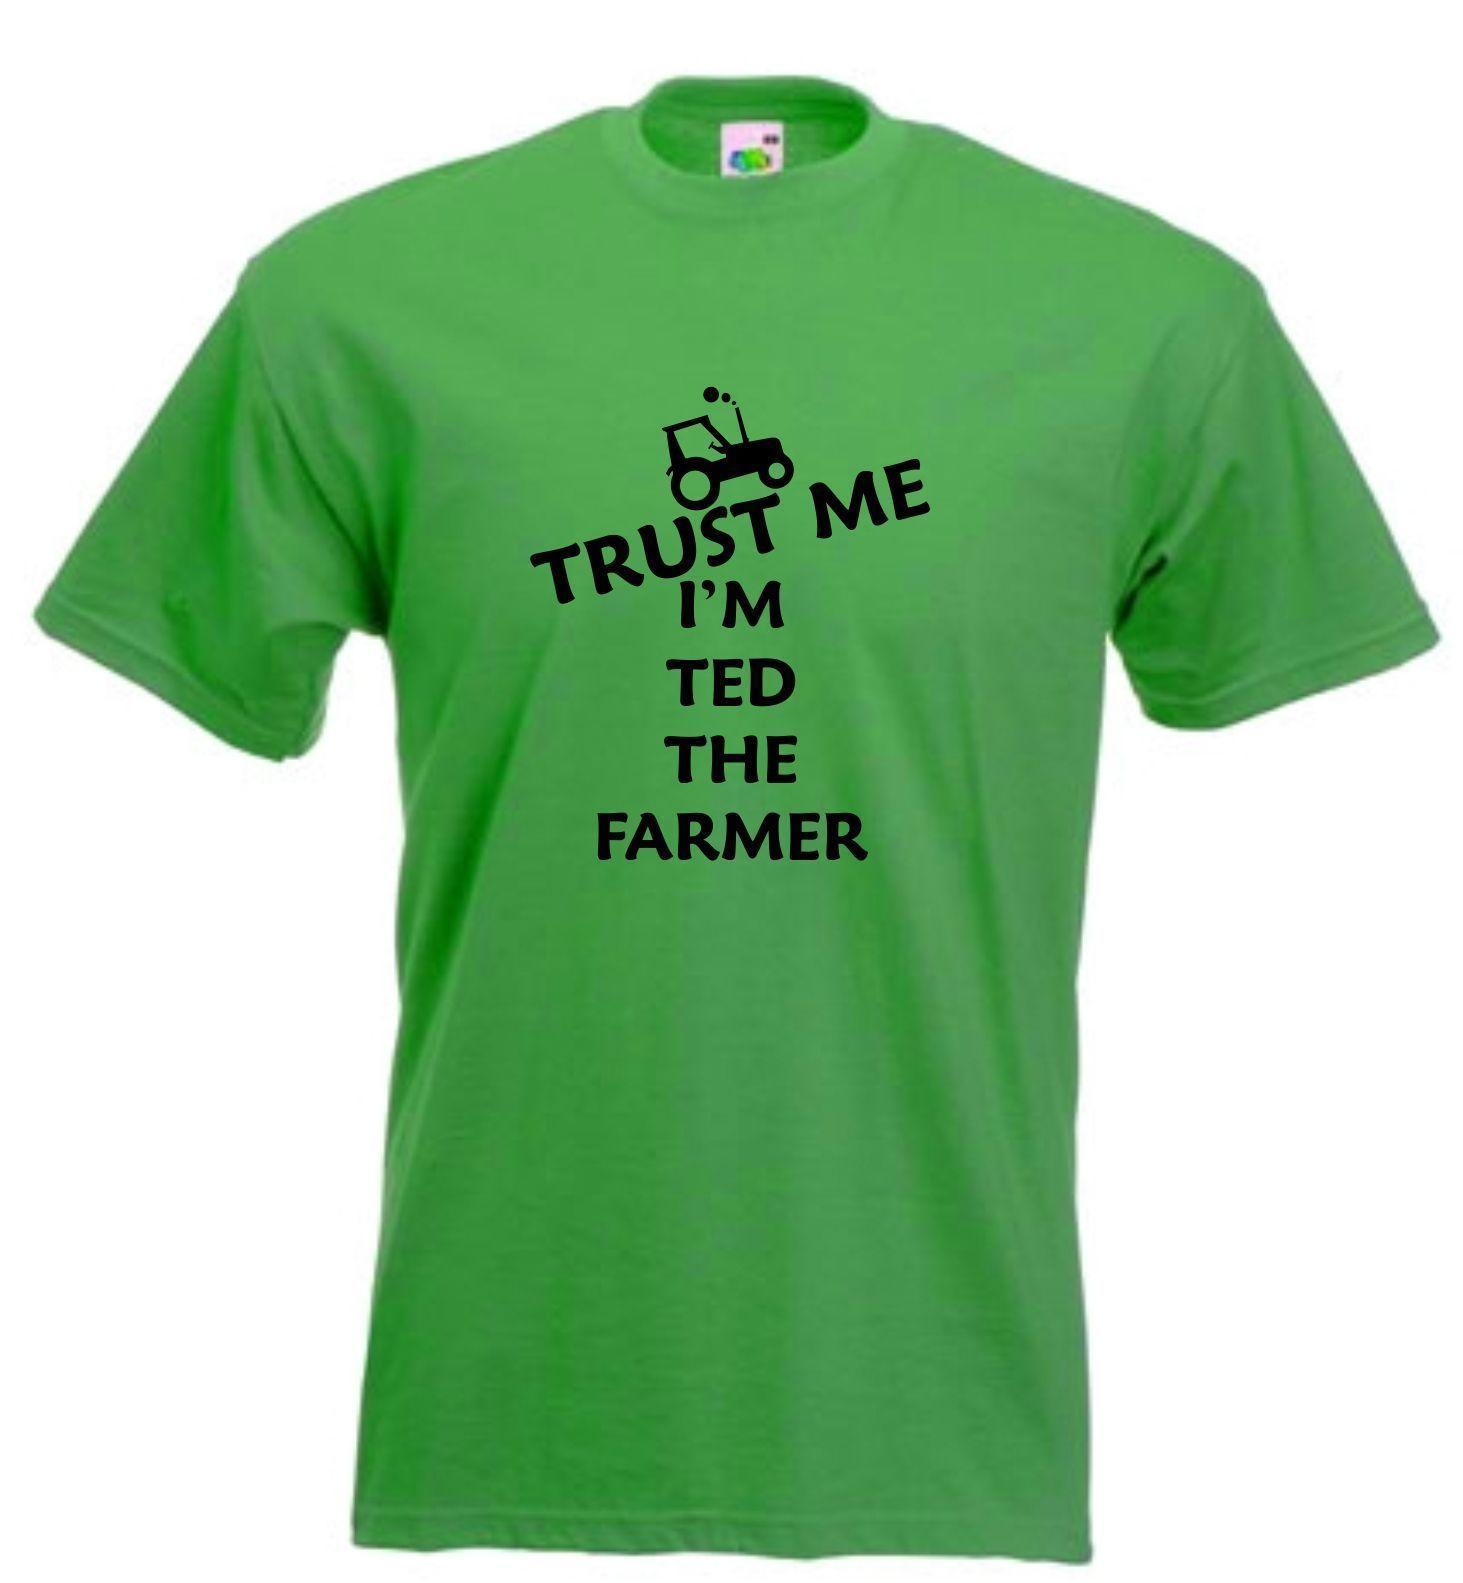 576c5a7ea2 ... farmer t shirt personalised farm tshirt trust me t shirt funny ...